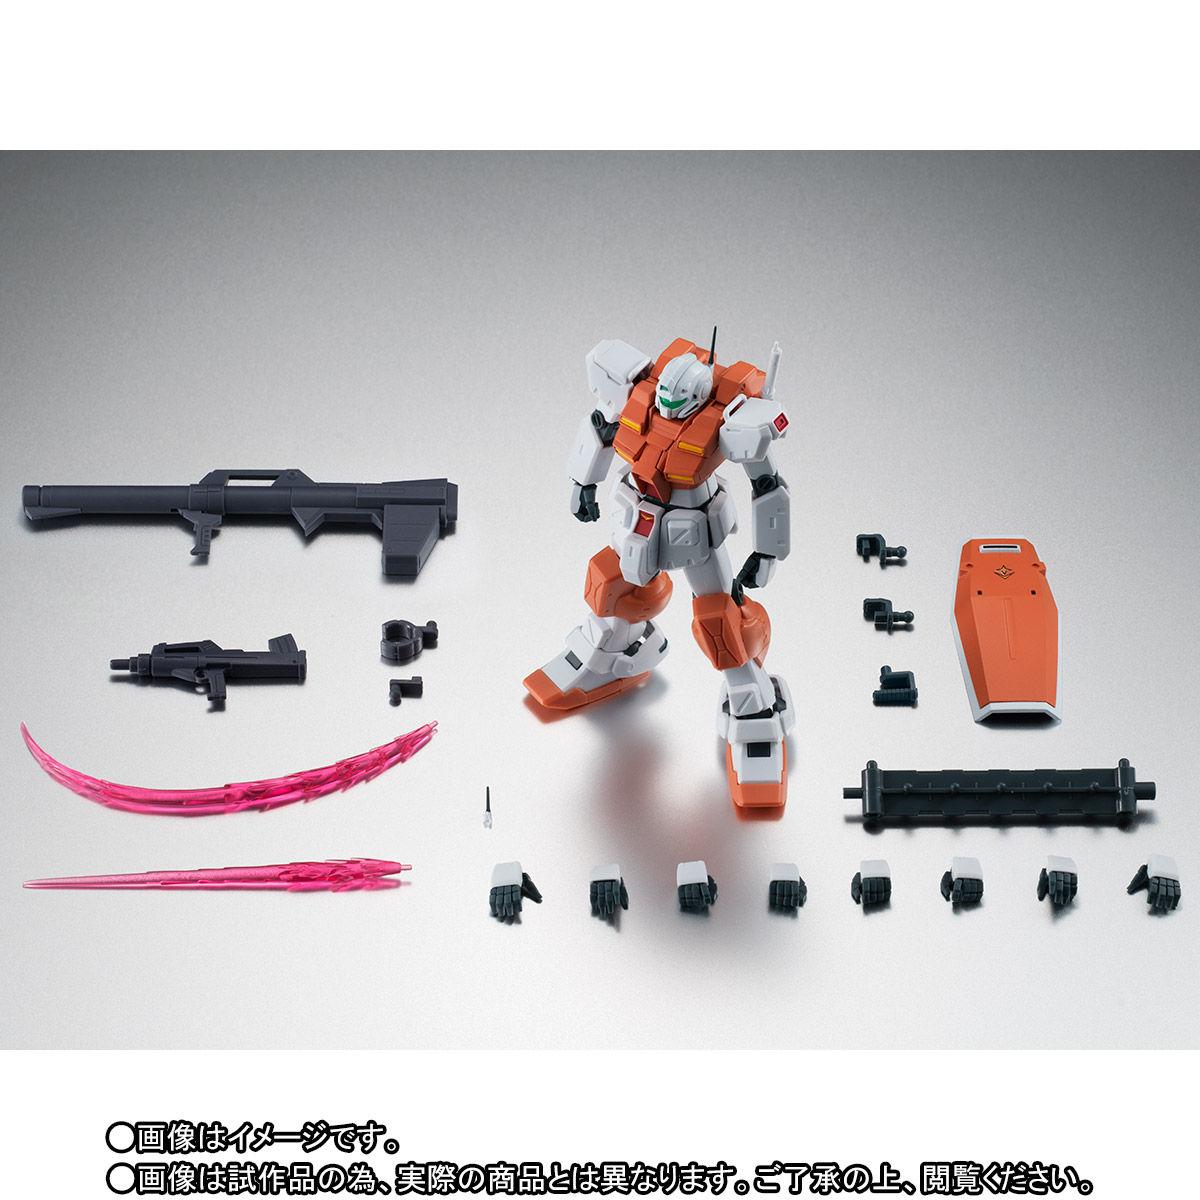 【限定販売】ROBOT魂〈SIDE MS〉『RGM-79 パワード・ジム ver. A.N.I.M.E.』ガンダム0083 可動フィギュア-010